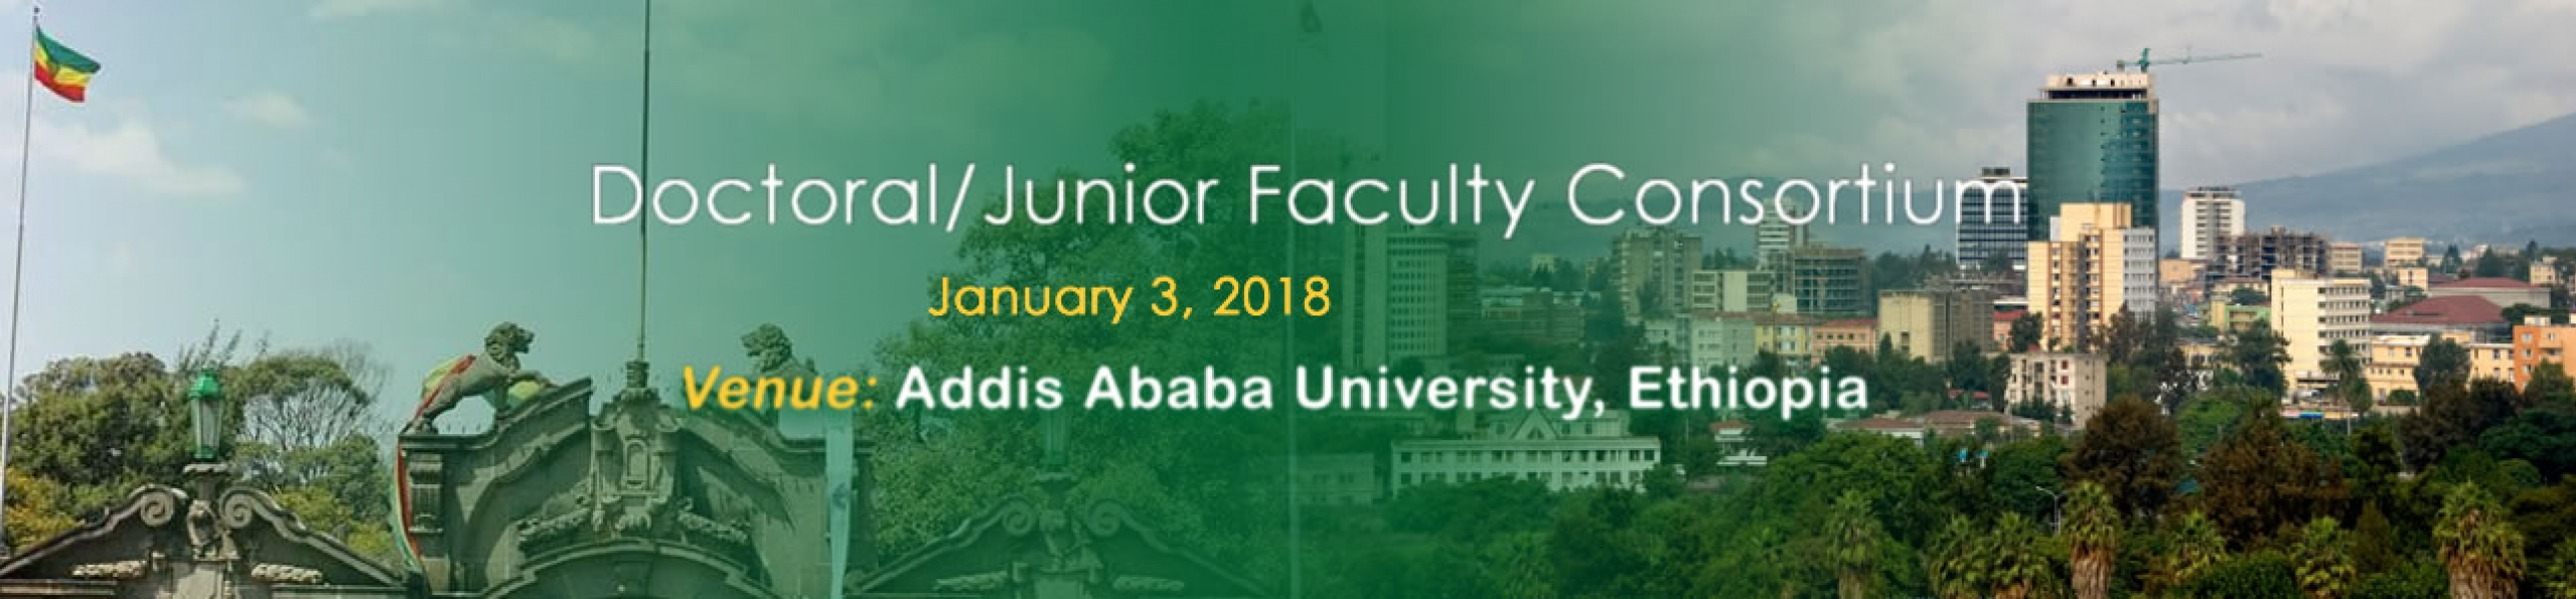 Doctoral Consortium & Junior Faculty Consortium